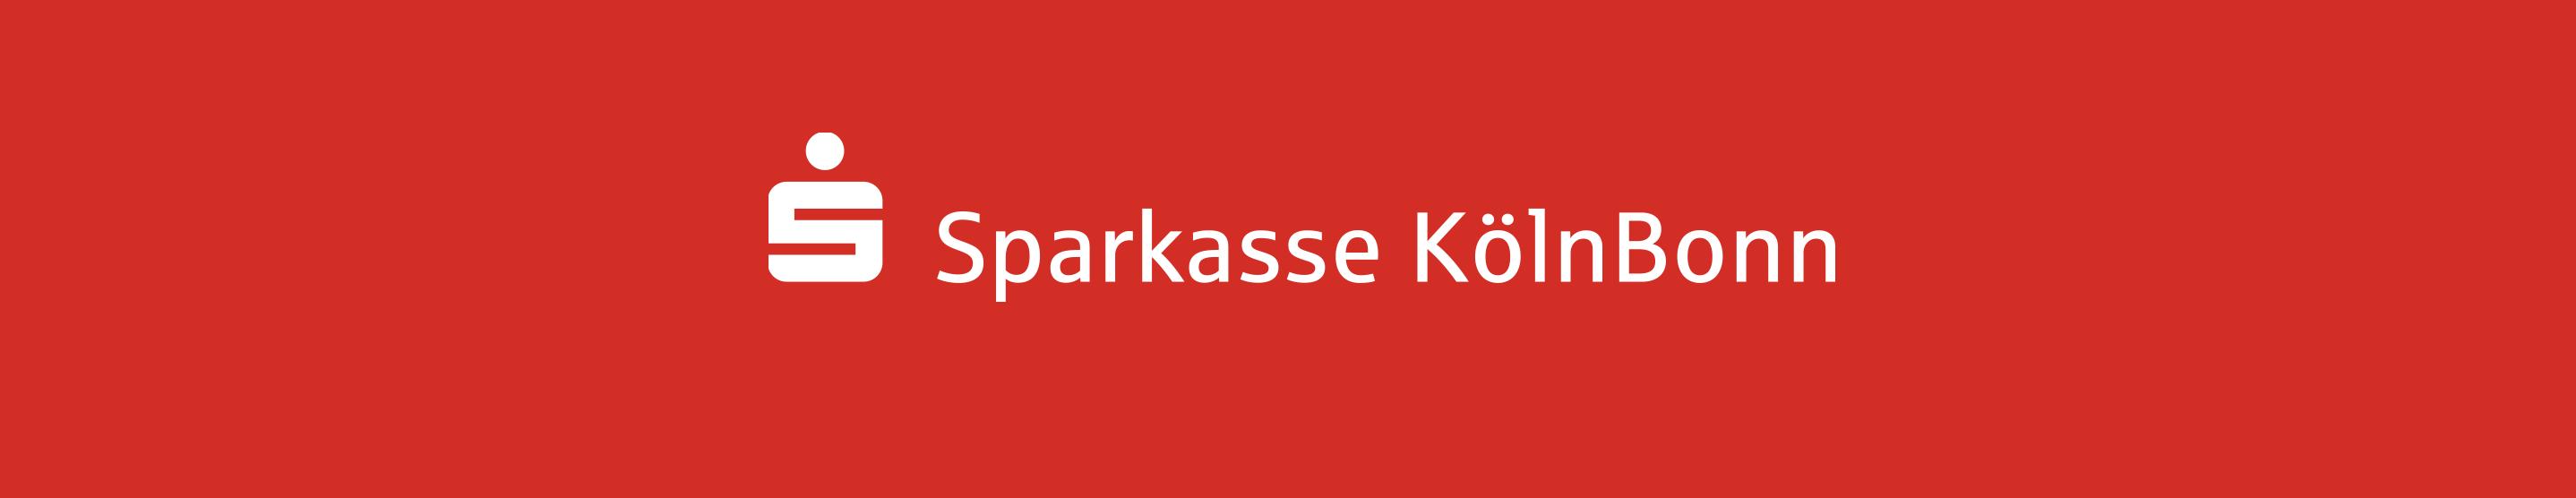 Ssk Bonn